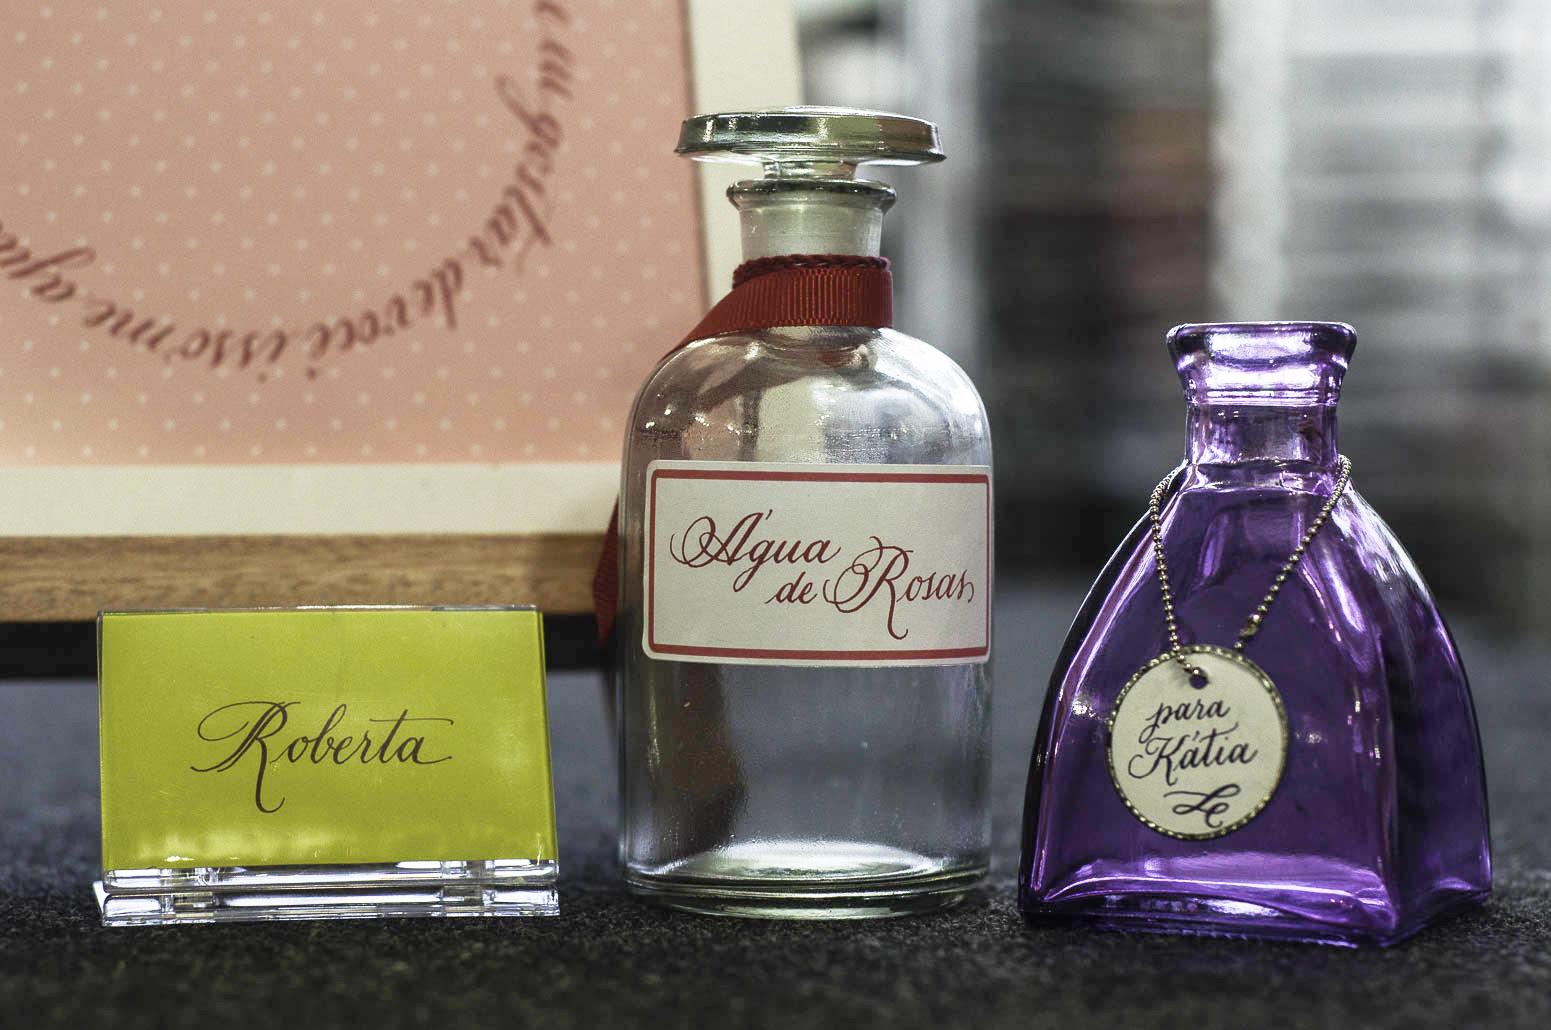 Veja como ficam lindas essas etiquetas com uso da caligrafia